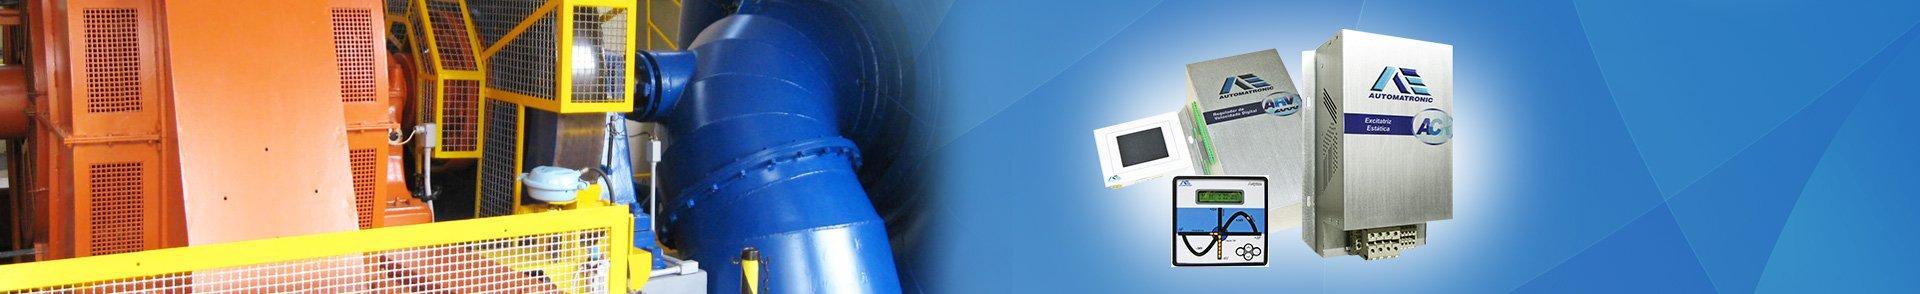 Soluções customizadas em dispositivos eletrônicos para centrais hidrelétricas, termoelétricas e projetos especiais.